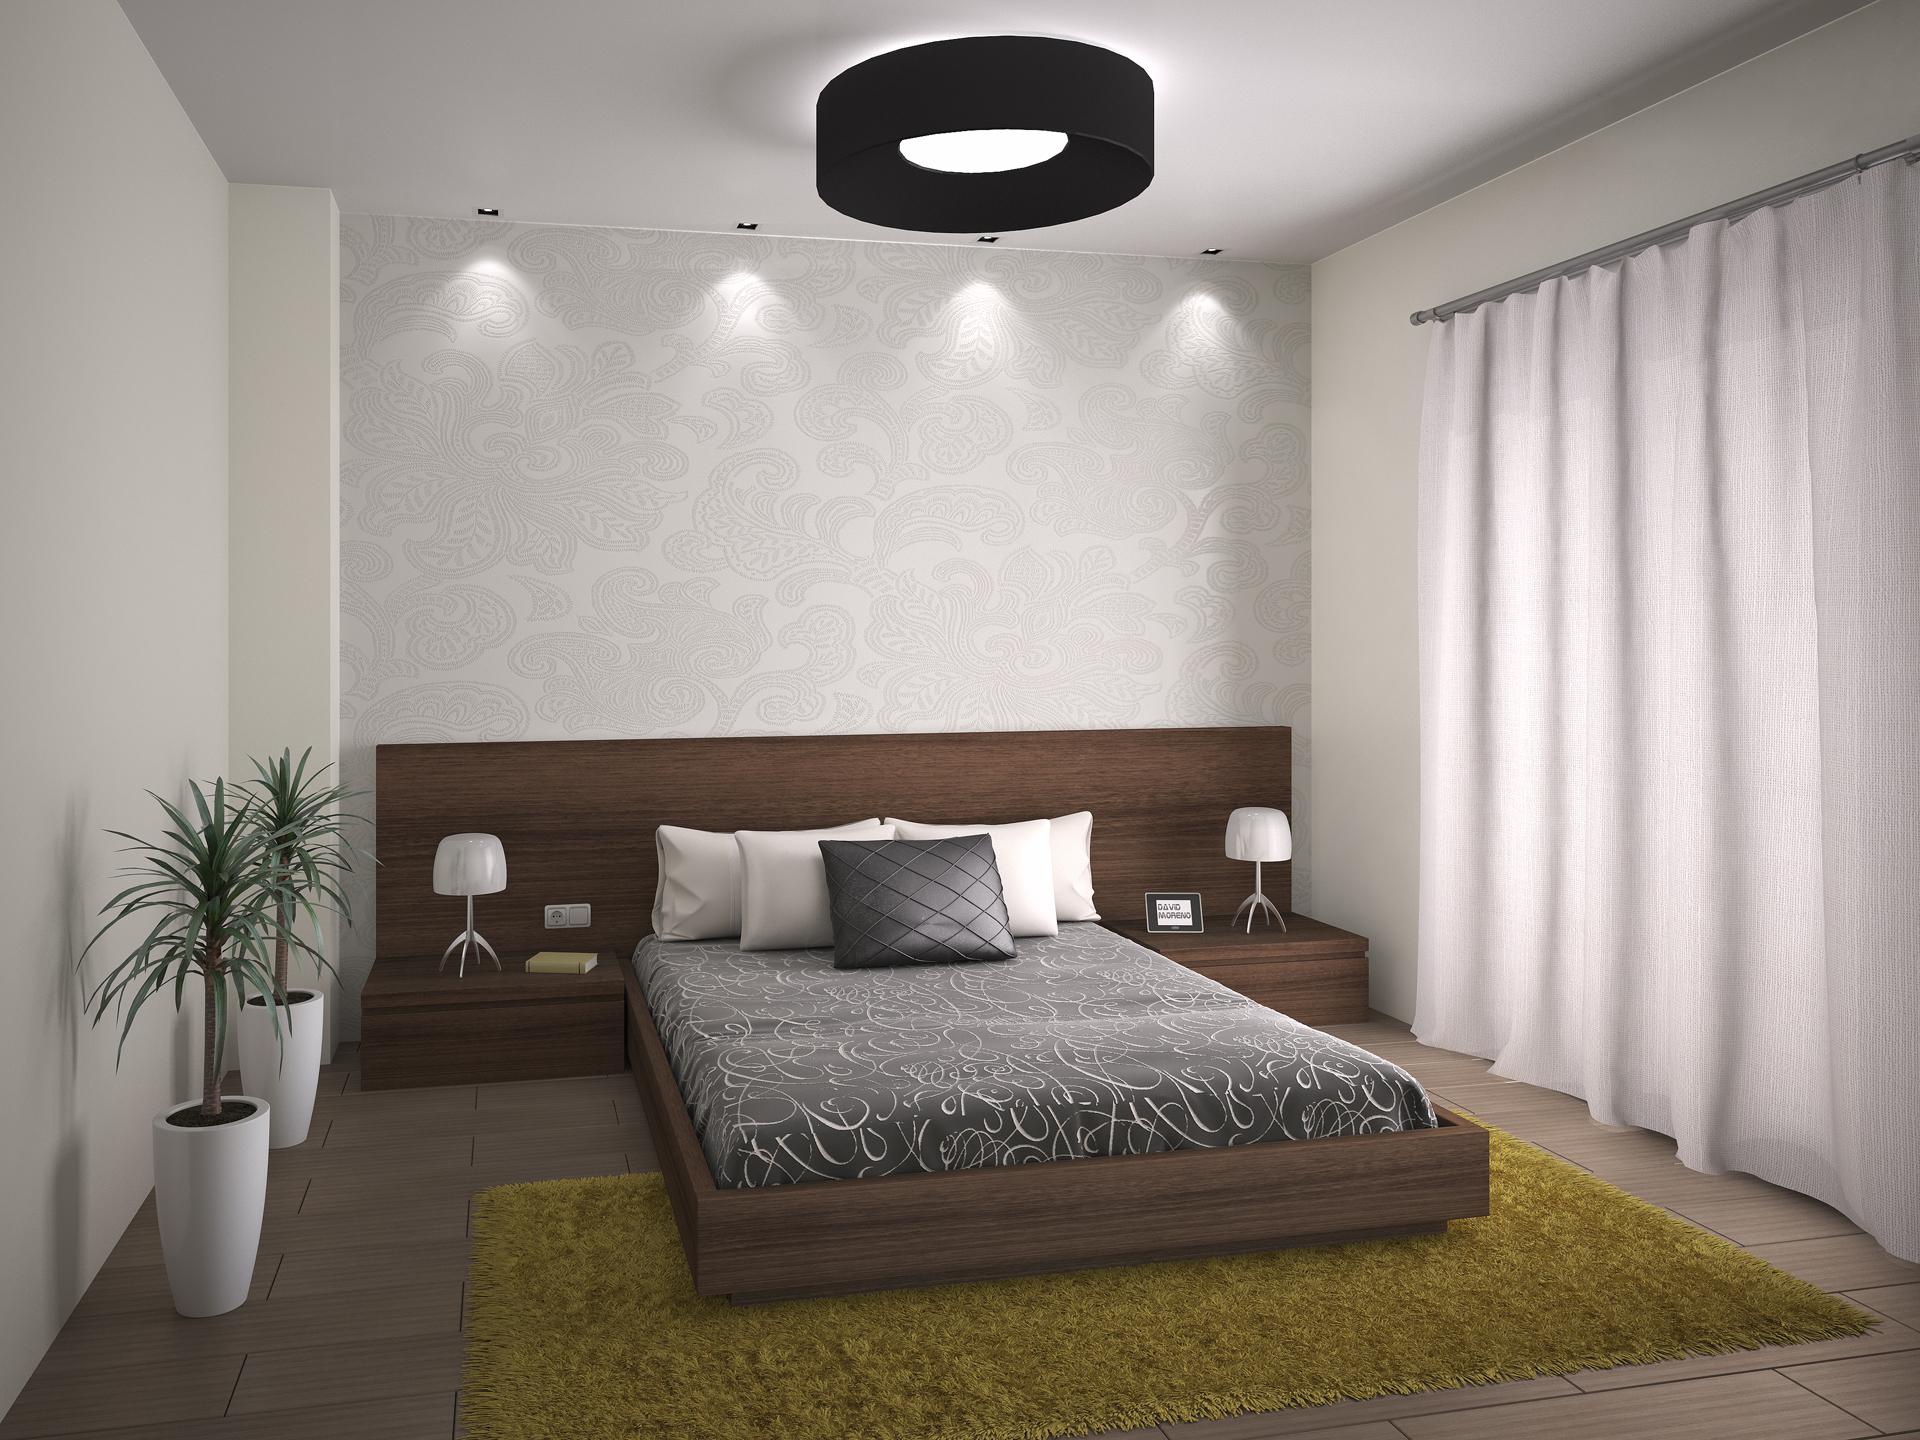 Proyecto de interiorismo en dormitorio habitaci n de matrimonio - Fotos de interiorismo ...